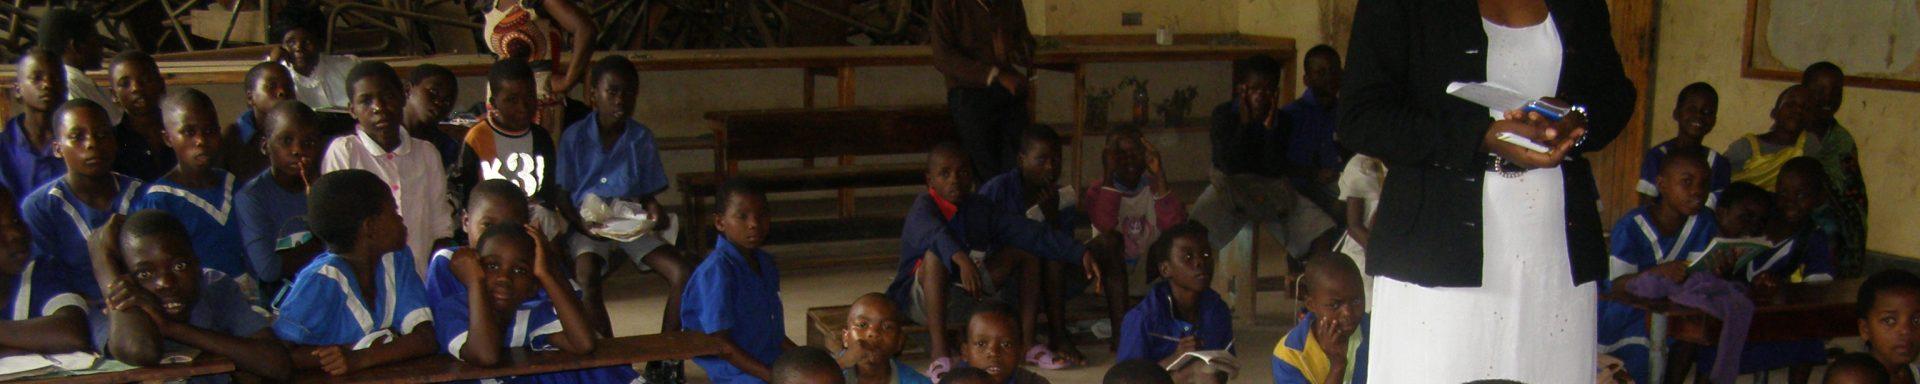 Onderzoek en behandeling slechtziende kinderen in Malawi